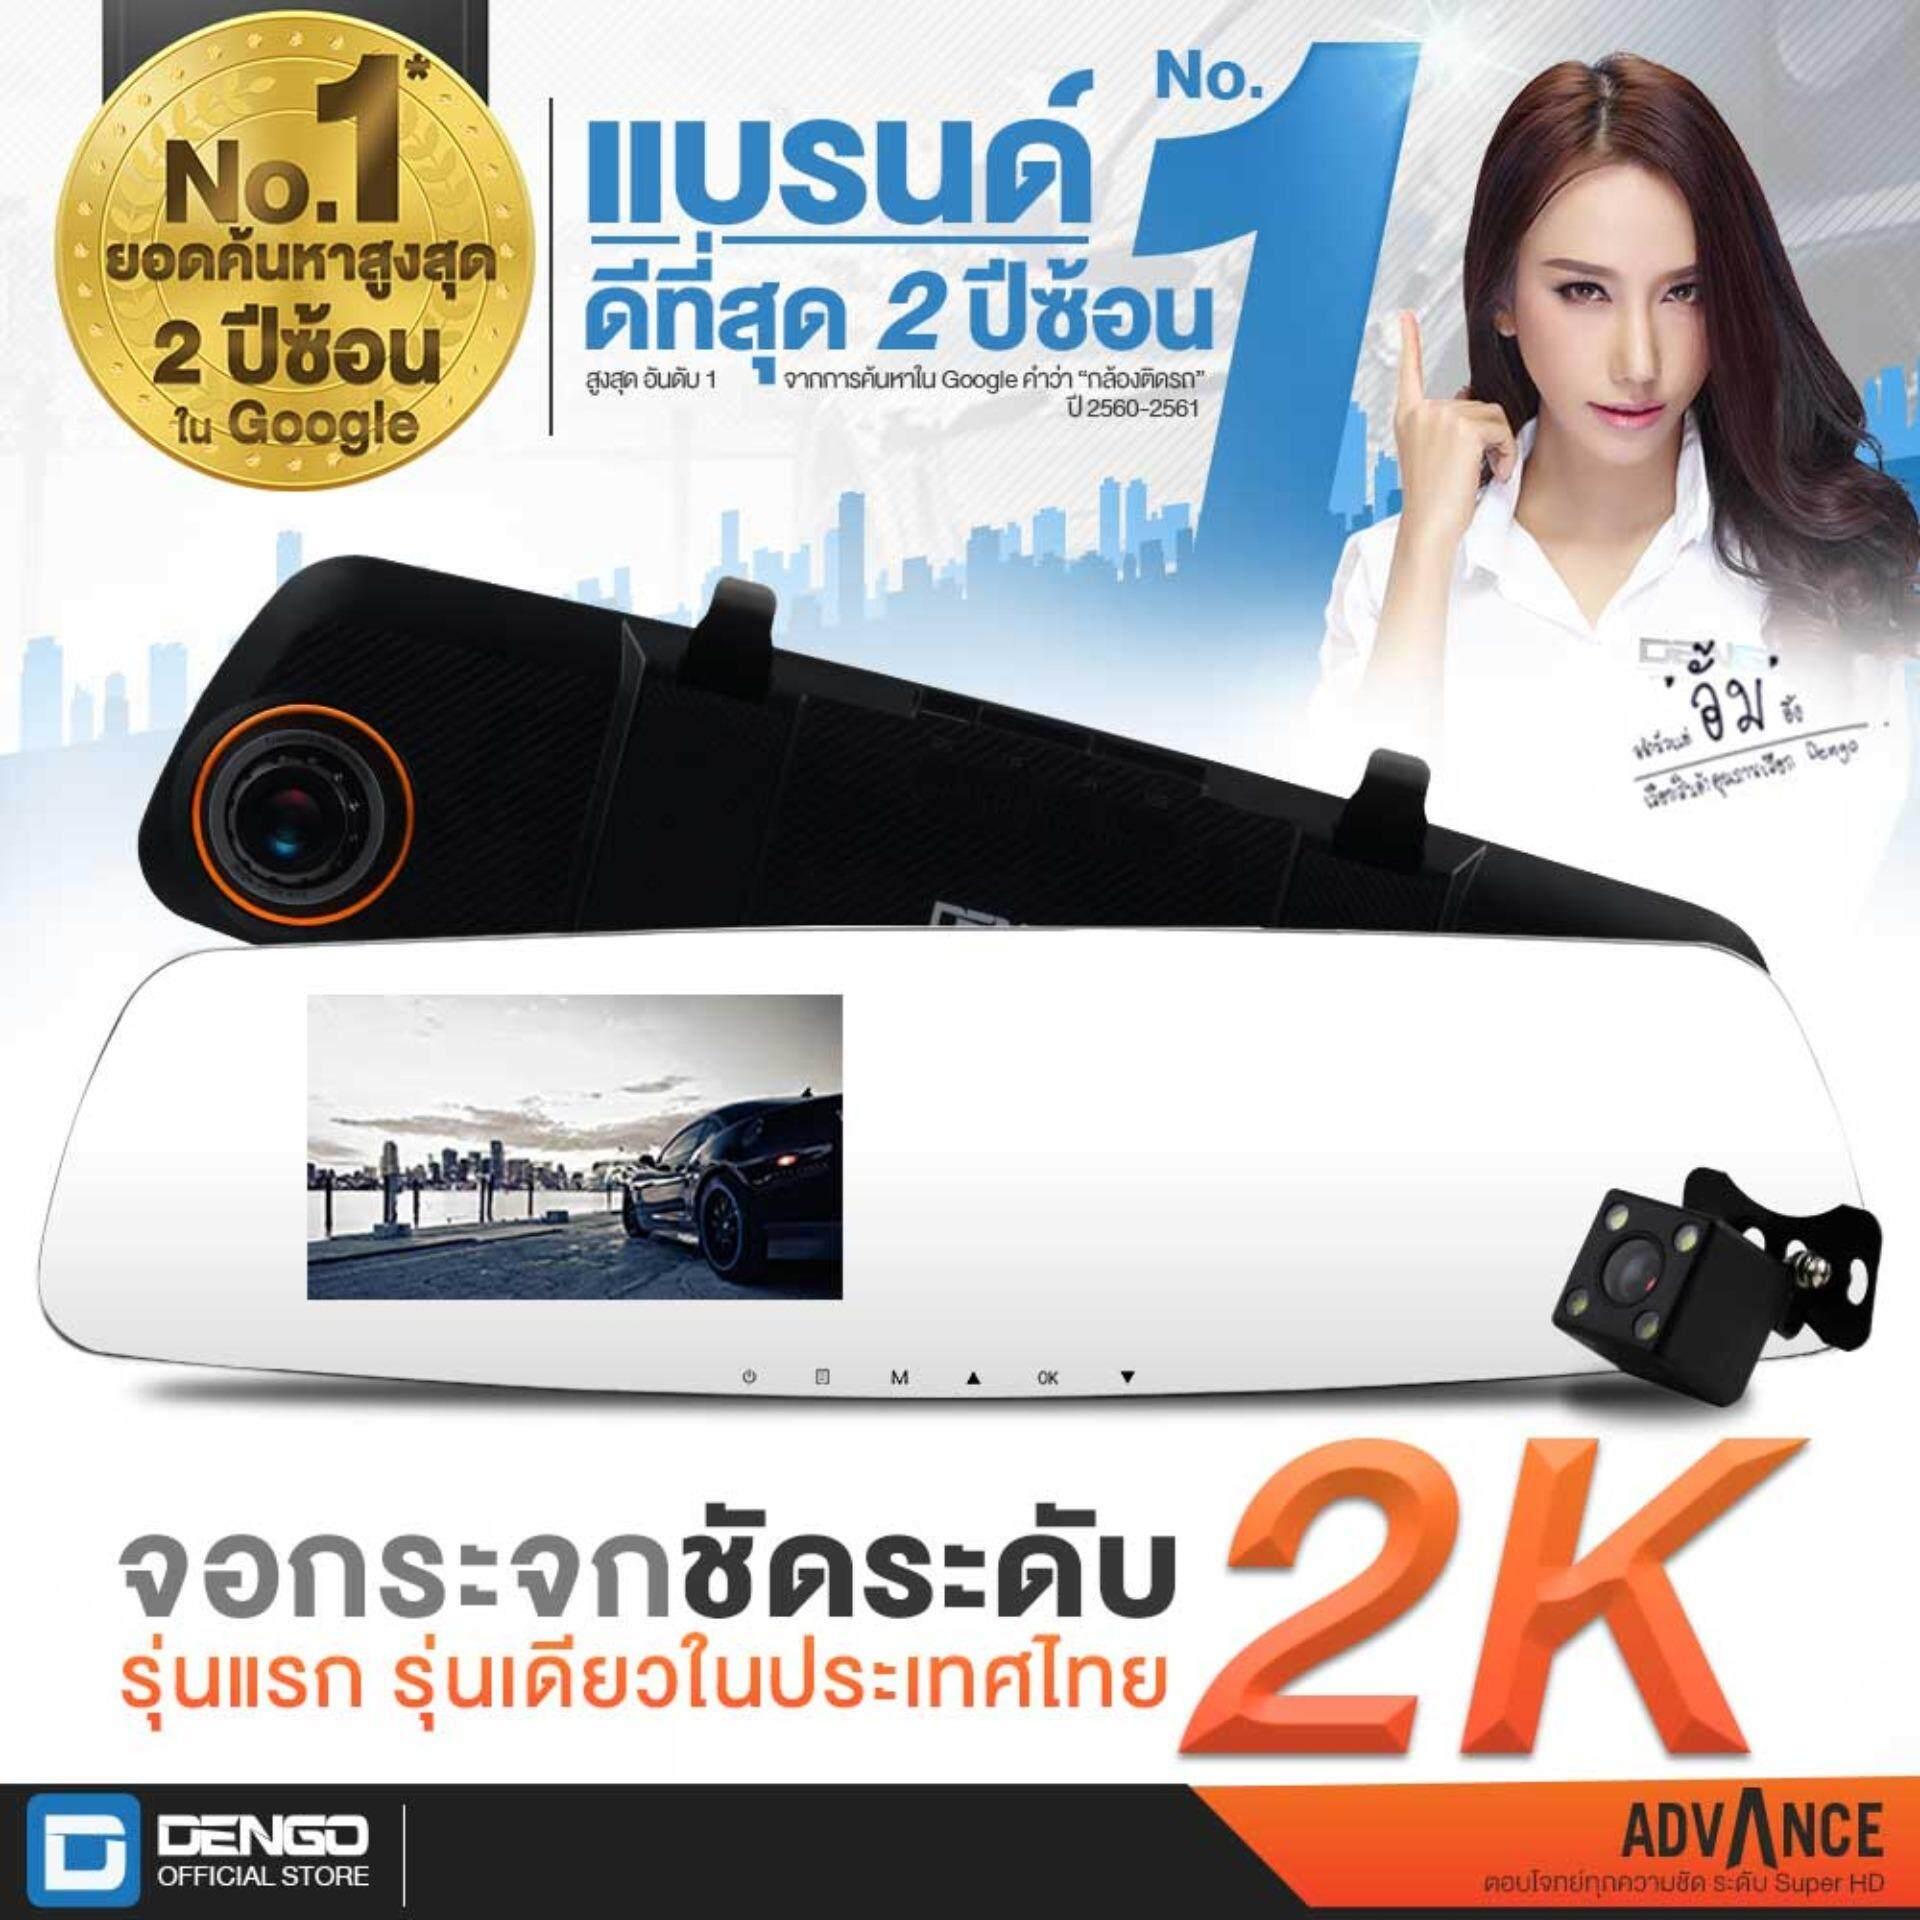 Dengo Advance (black) กล้องติดรถยนต์ จอกระจก คมชัดระดับ Super Hd 2k พร้อมกล้องหลัง และระบบแจ้งเตือนออกนอกเลนอัจฉริยะ.